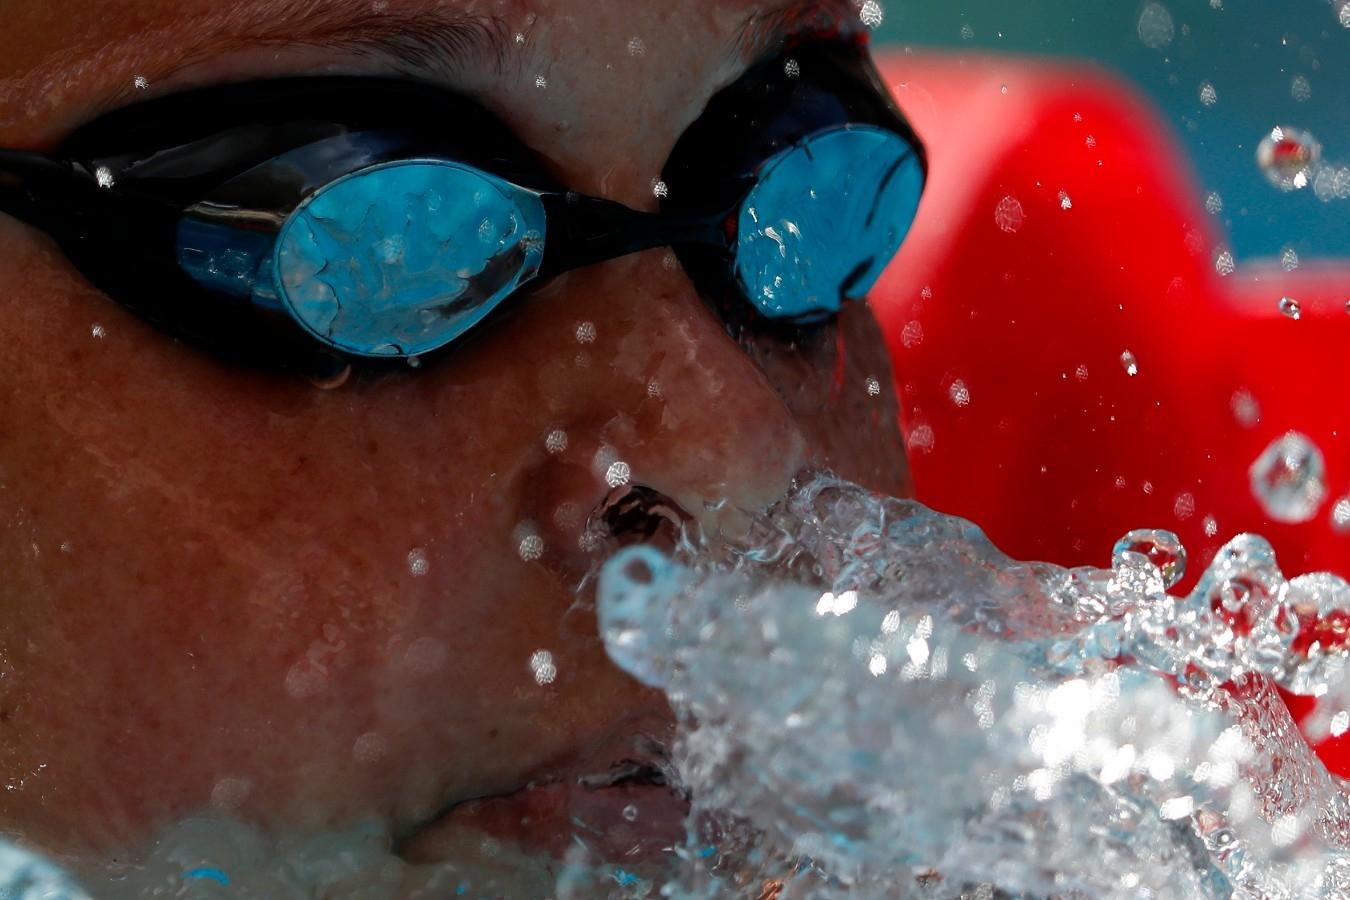 Sharon Van. Trofeu Brasil de Natatacao no Parque Aquatico Maria Lenk. 17 de Abril de 2018, Rio de Janeiro, RJ, Brasil. Foto: Satiro Sodré/SSPress/CBDA